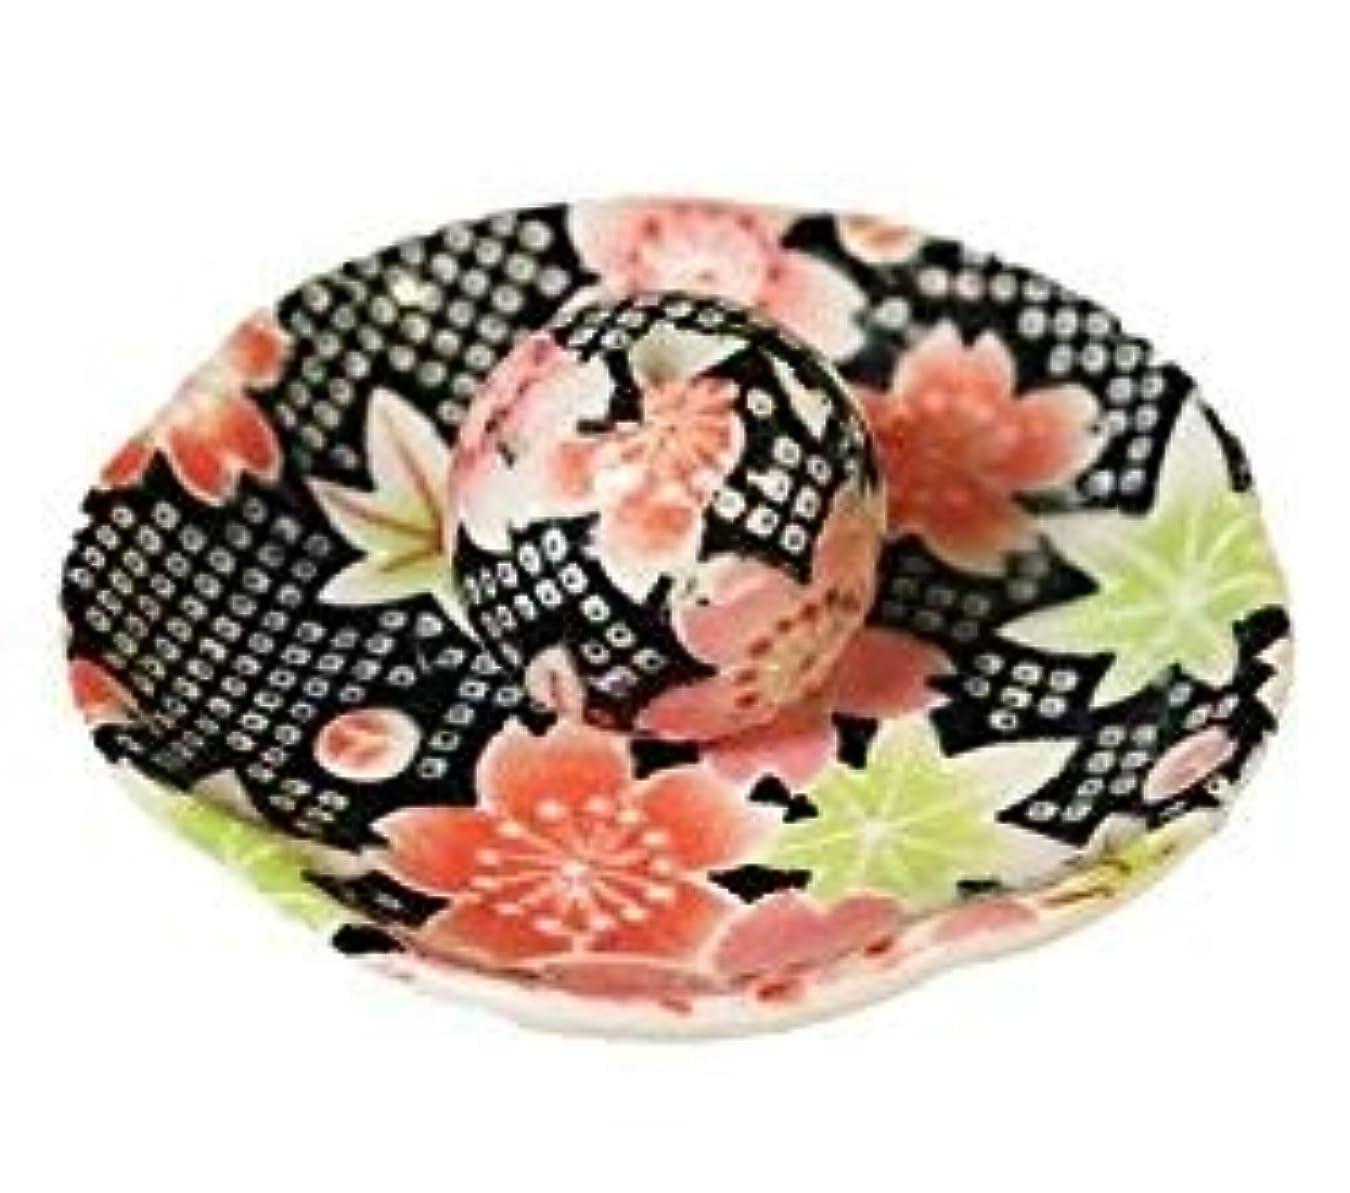 ゲストネコ作家かのこ友禅 花形香皿 お香立て お香たて 日本製 ACSWEBSHOPオリジナル